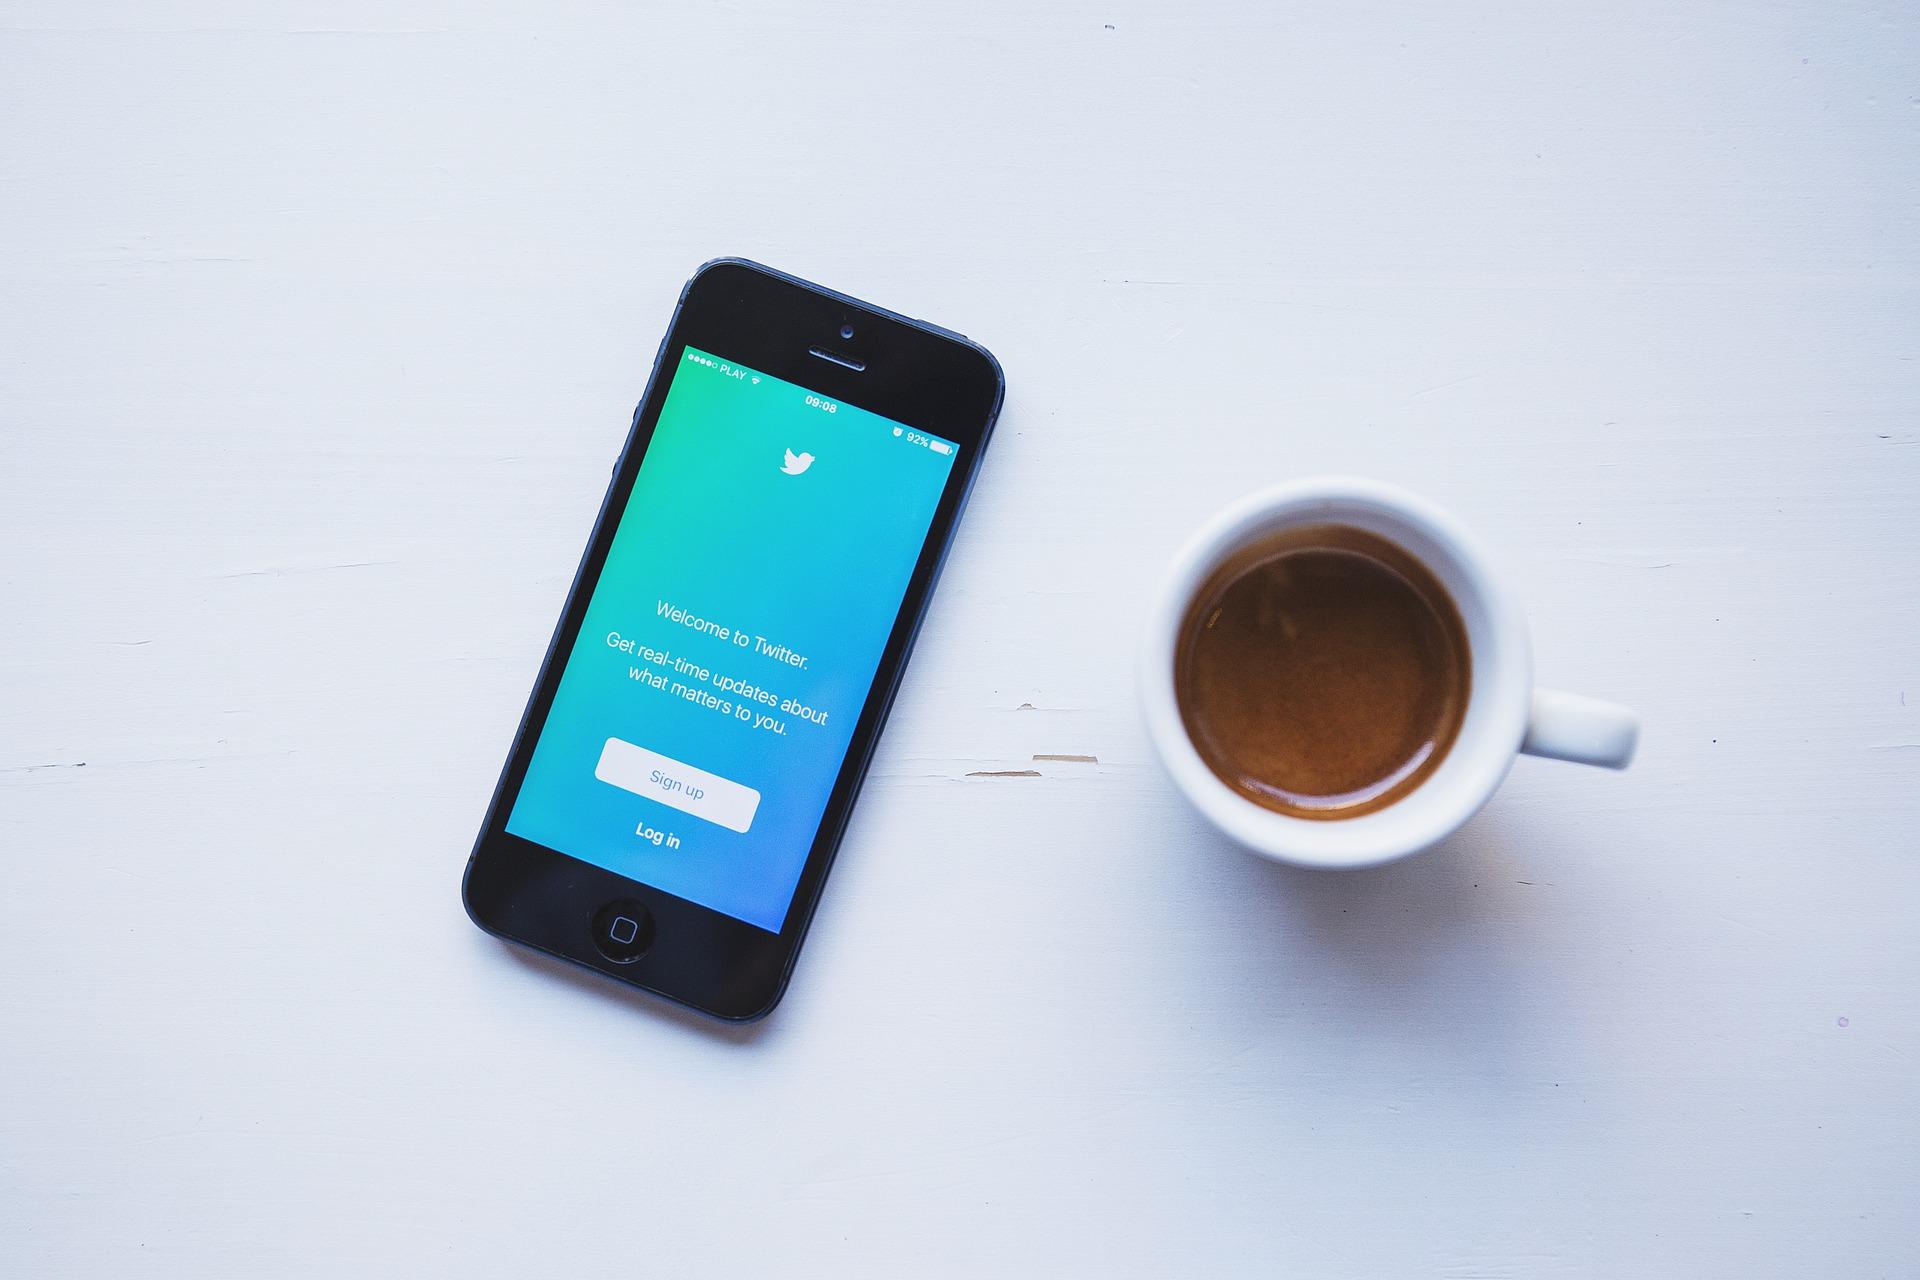 L'IoT sur Twitter au mois de juin